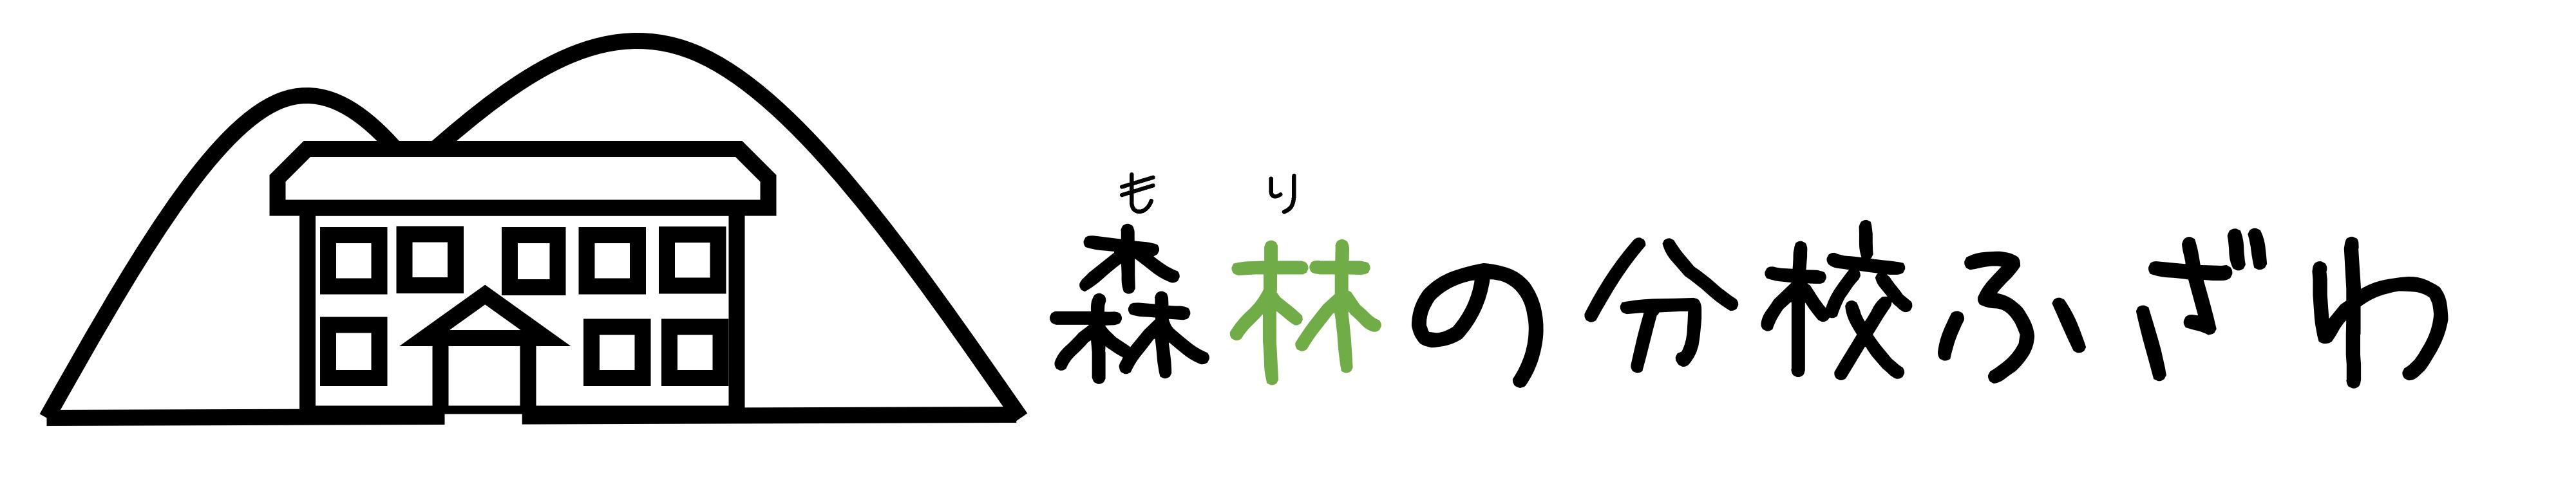 分校ロゴ横白黒_03